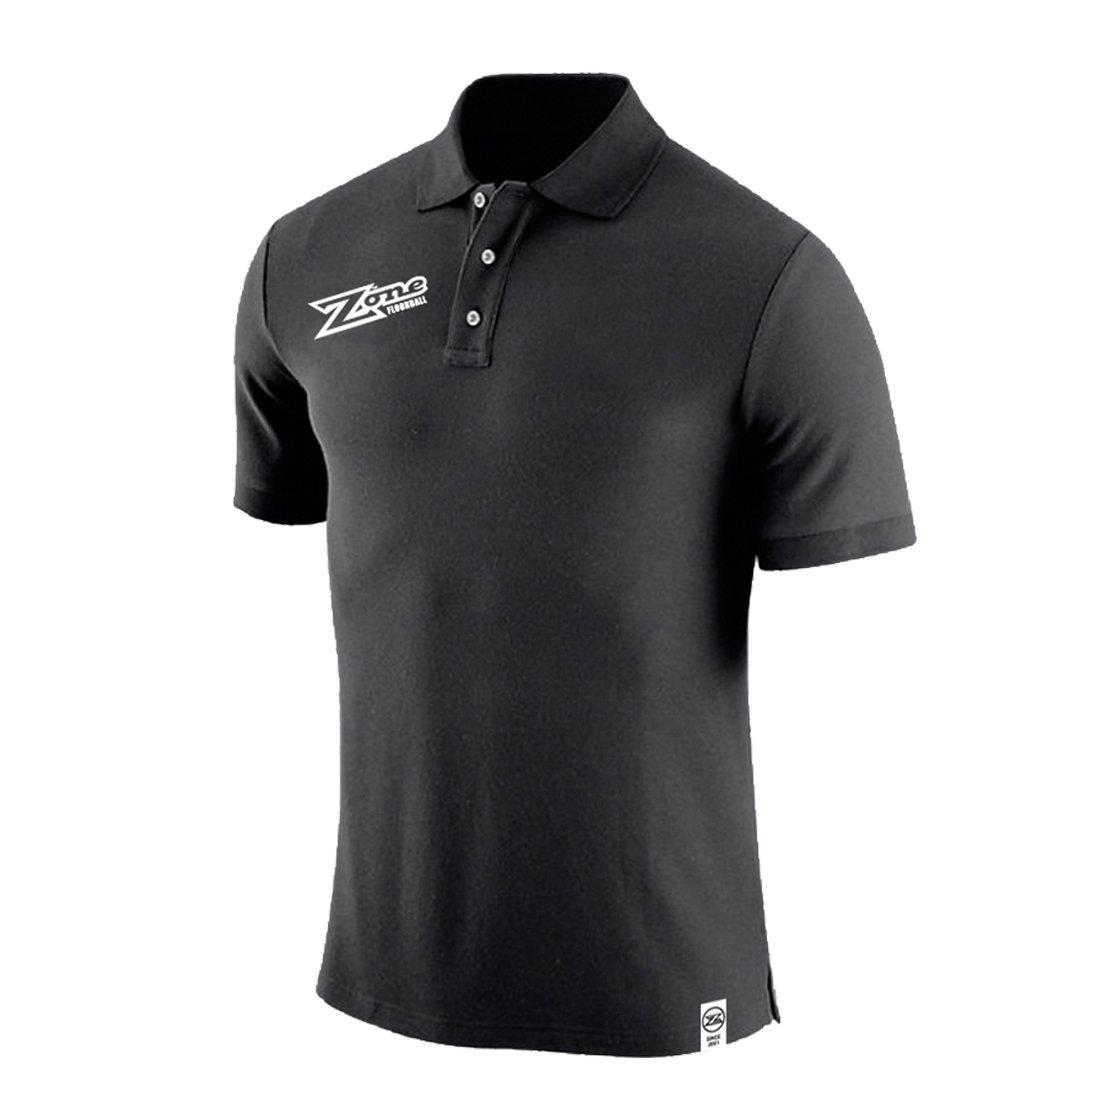 Zone Genuine triko s límečkem S černá